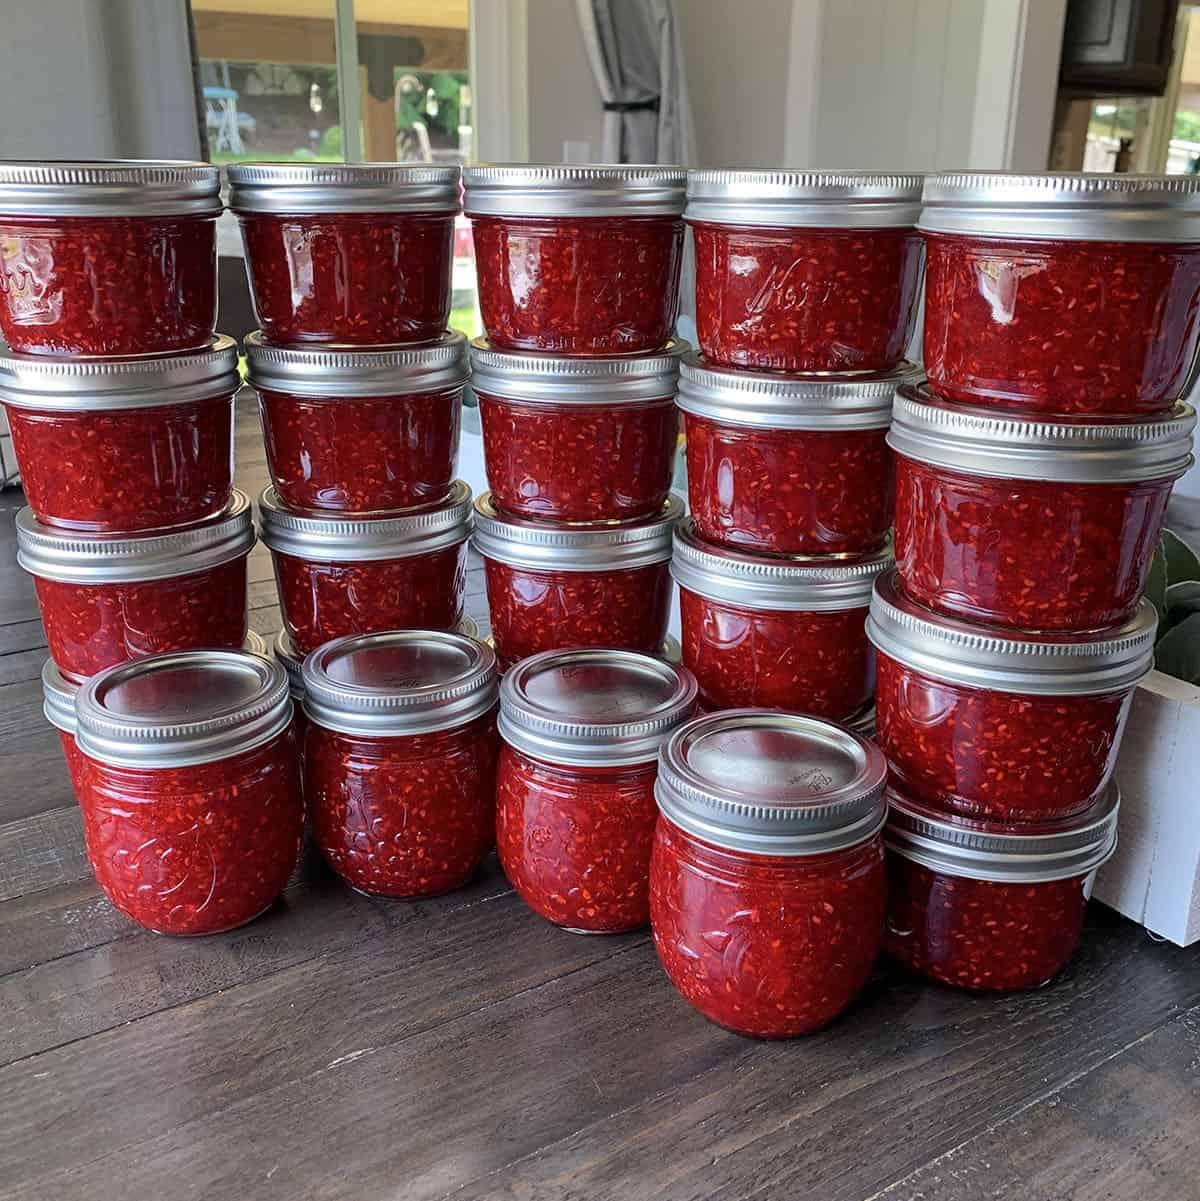 Homemade raspberry freezer jam from freshly grown raspberries.